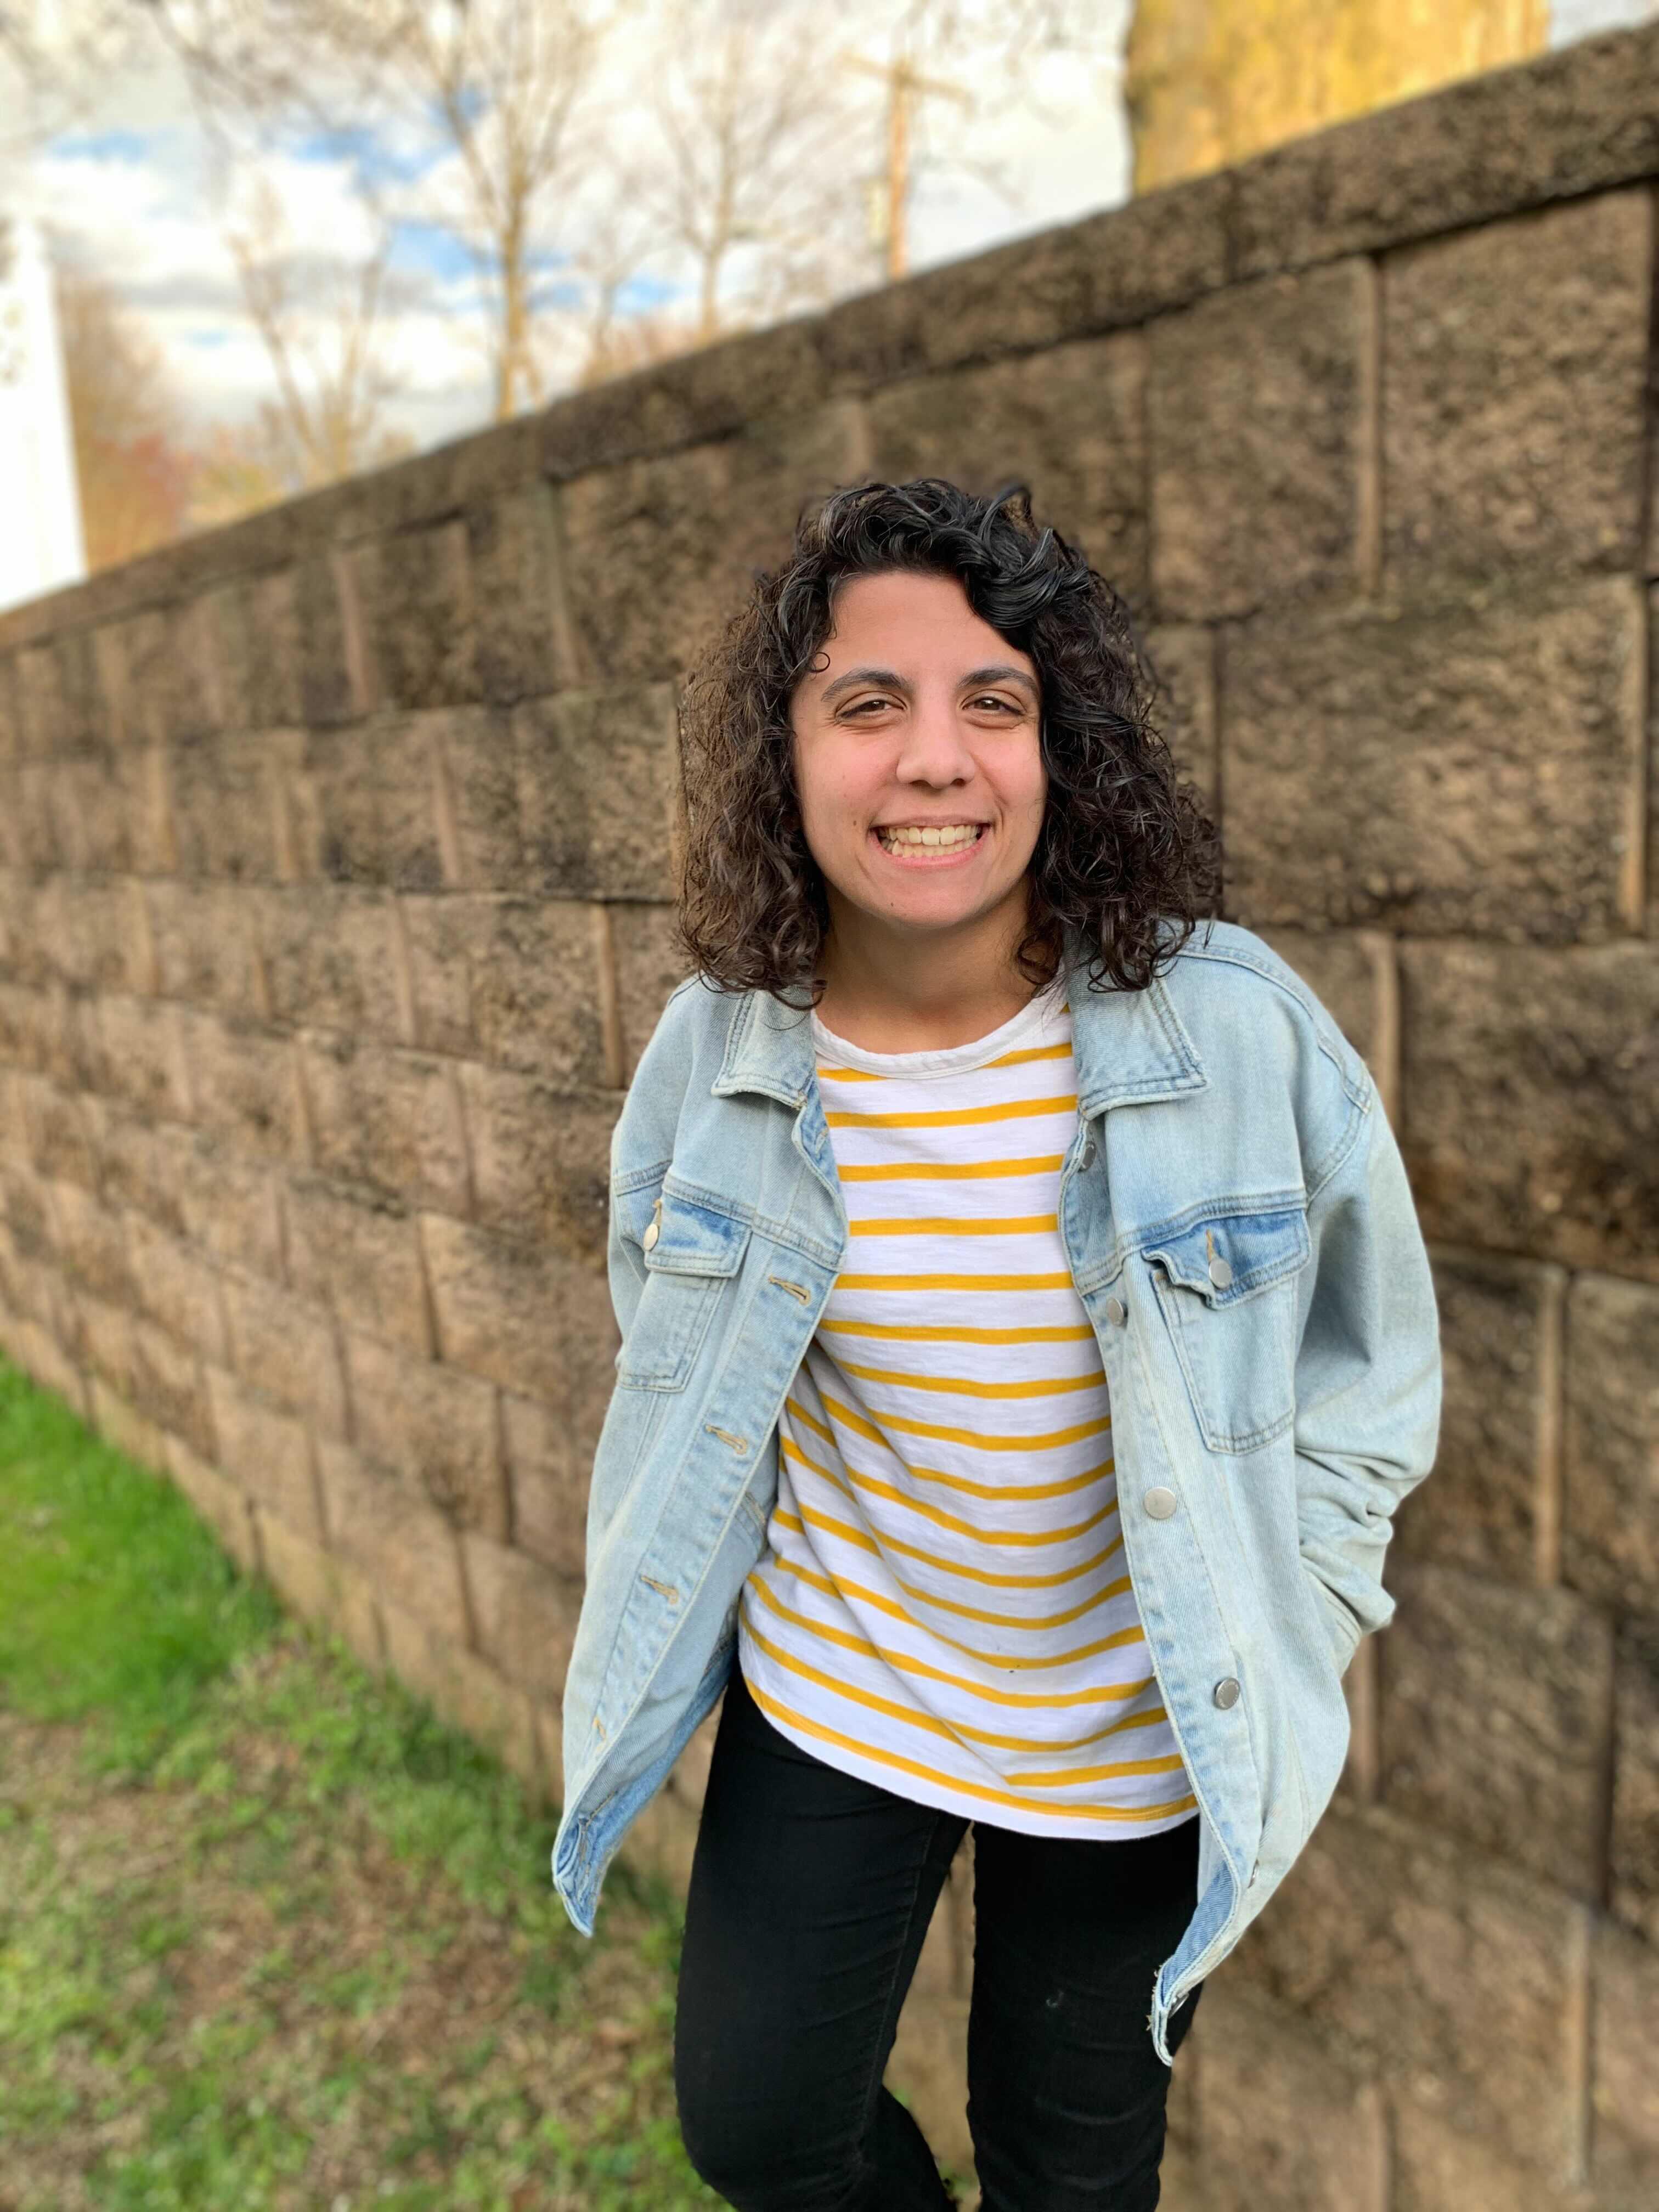 Alexis Levant